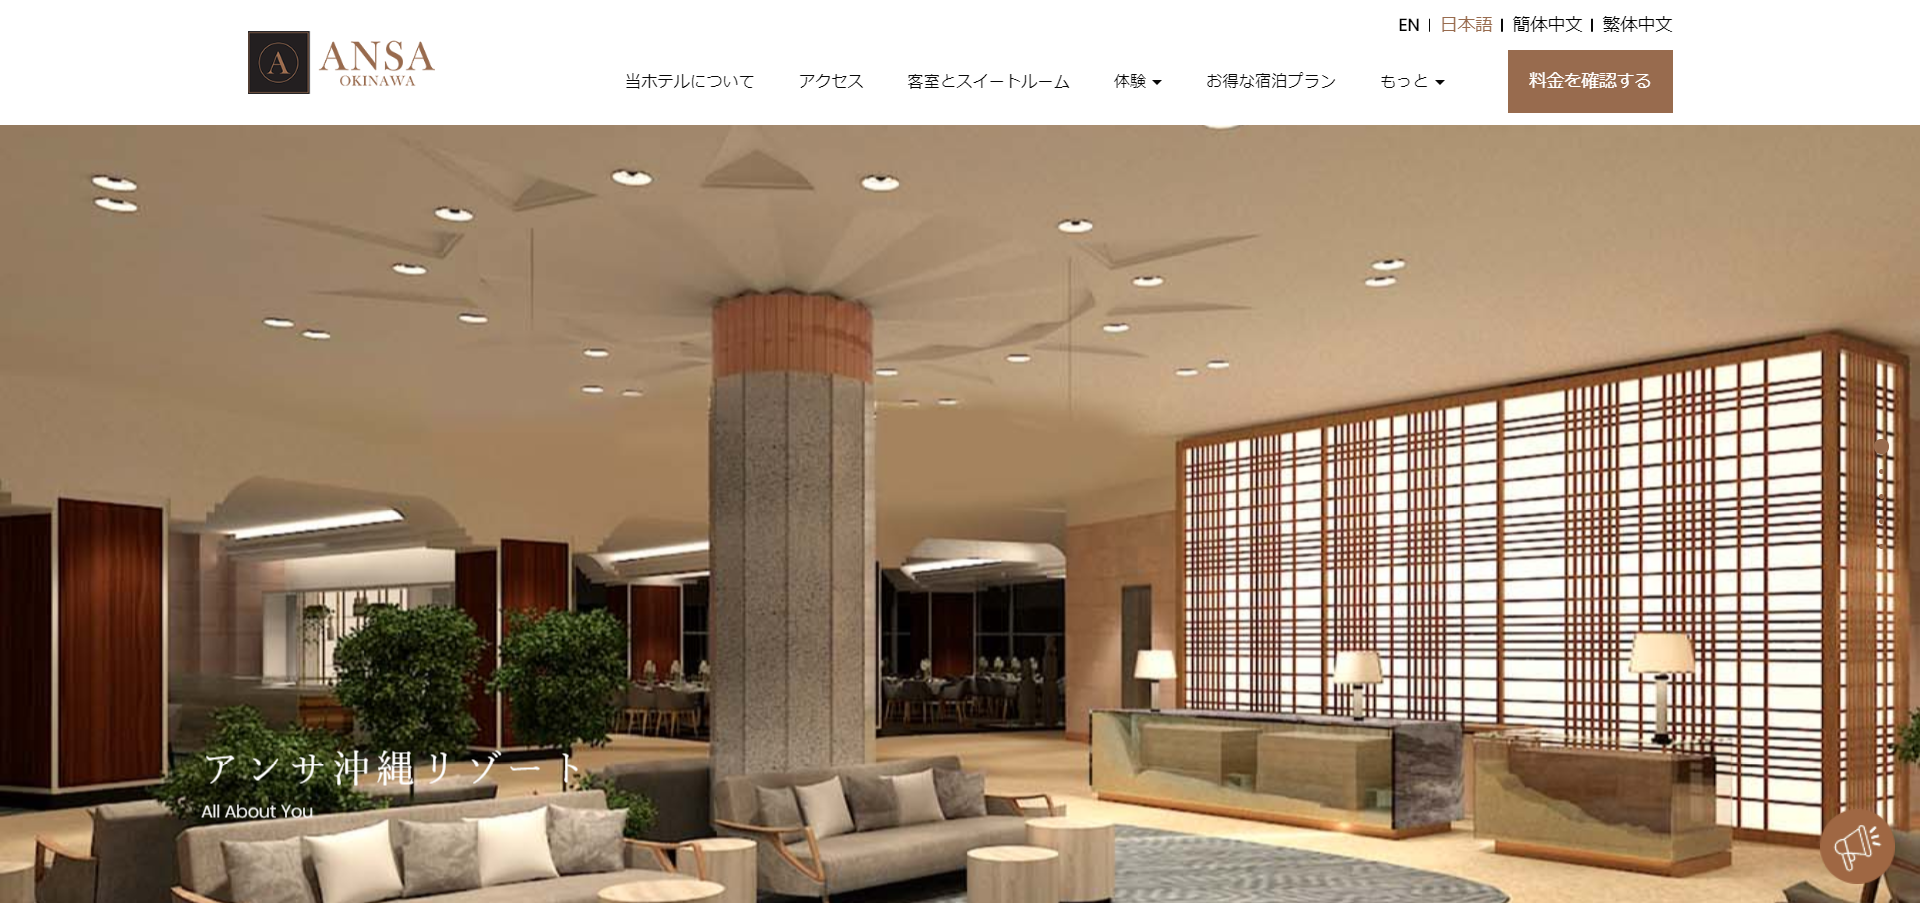 ブルジャヤグループが沖縄に開業したホテル「アンサ沖縄」